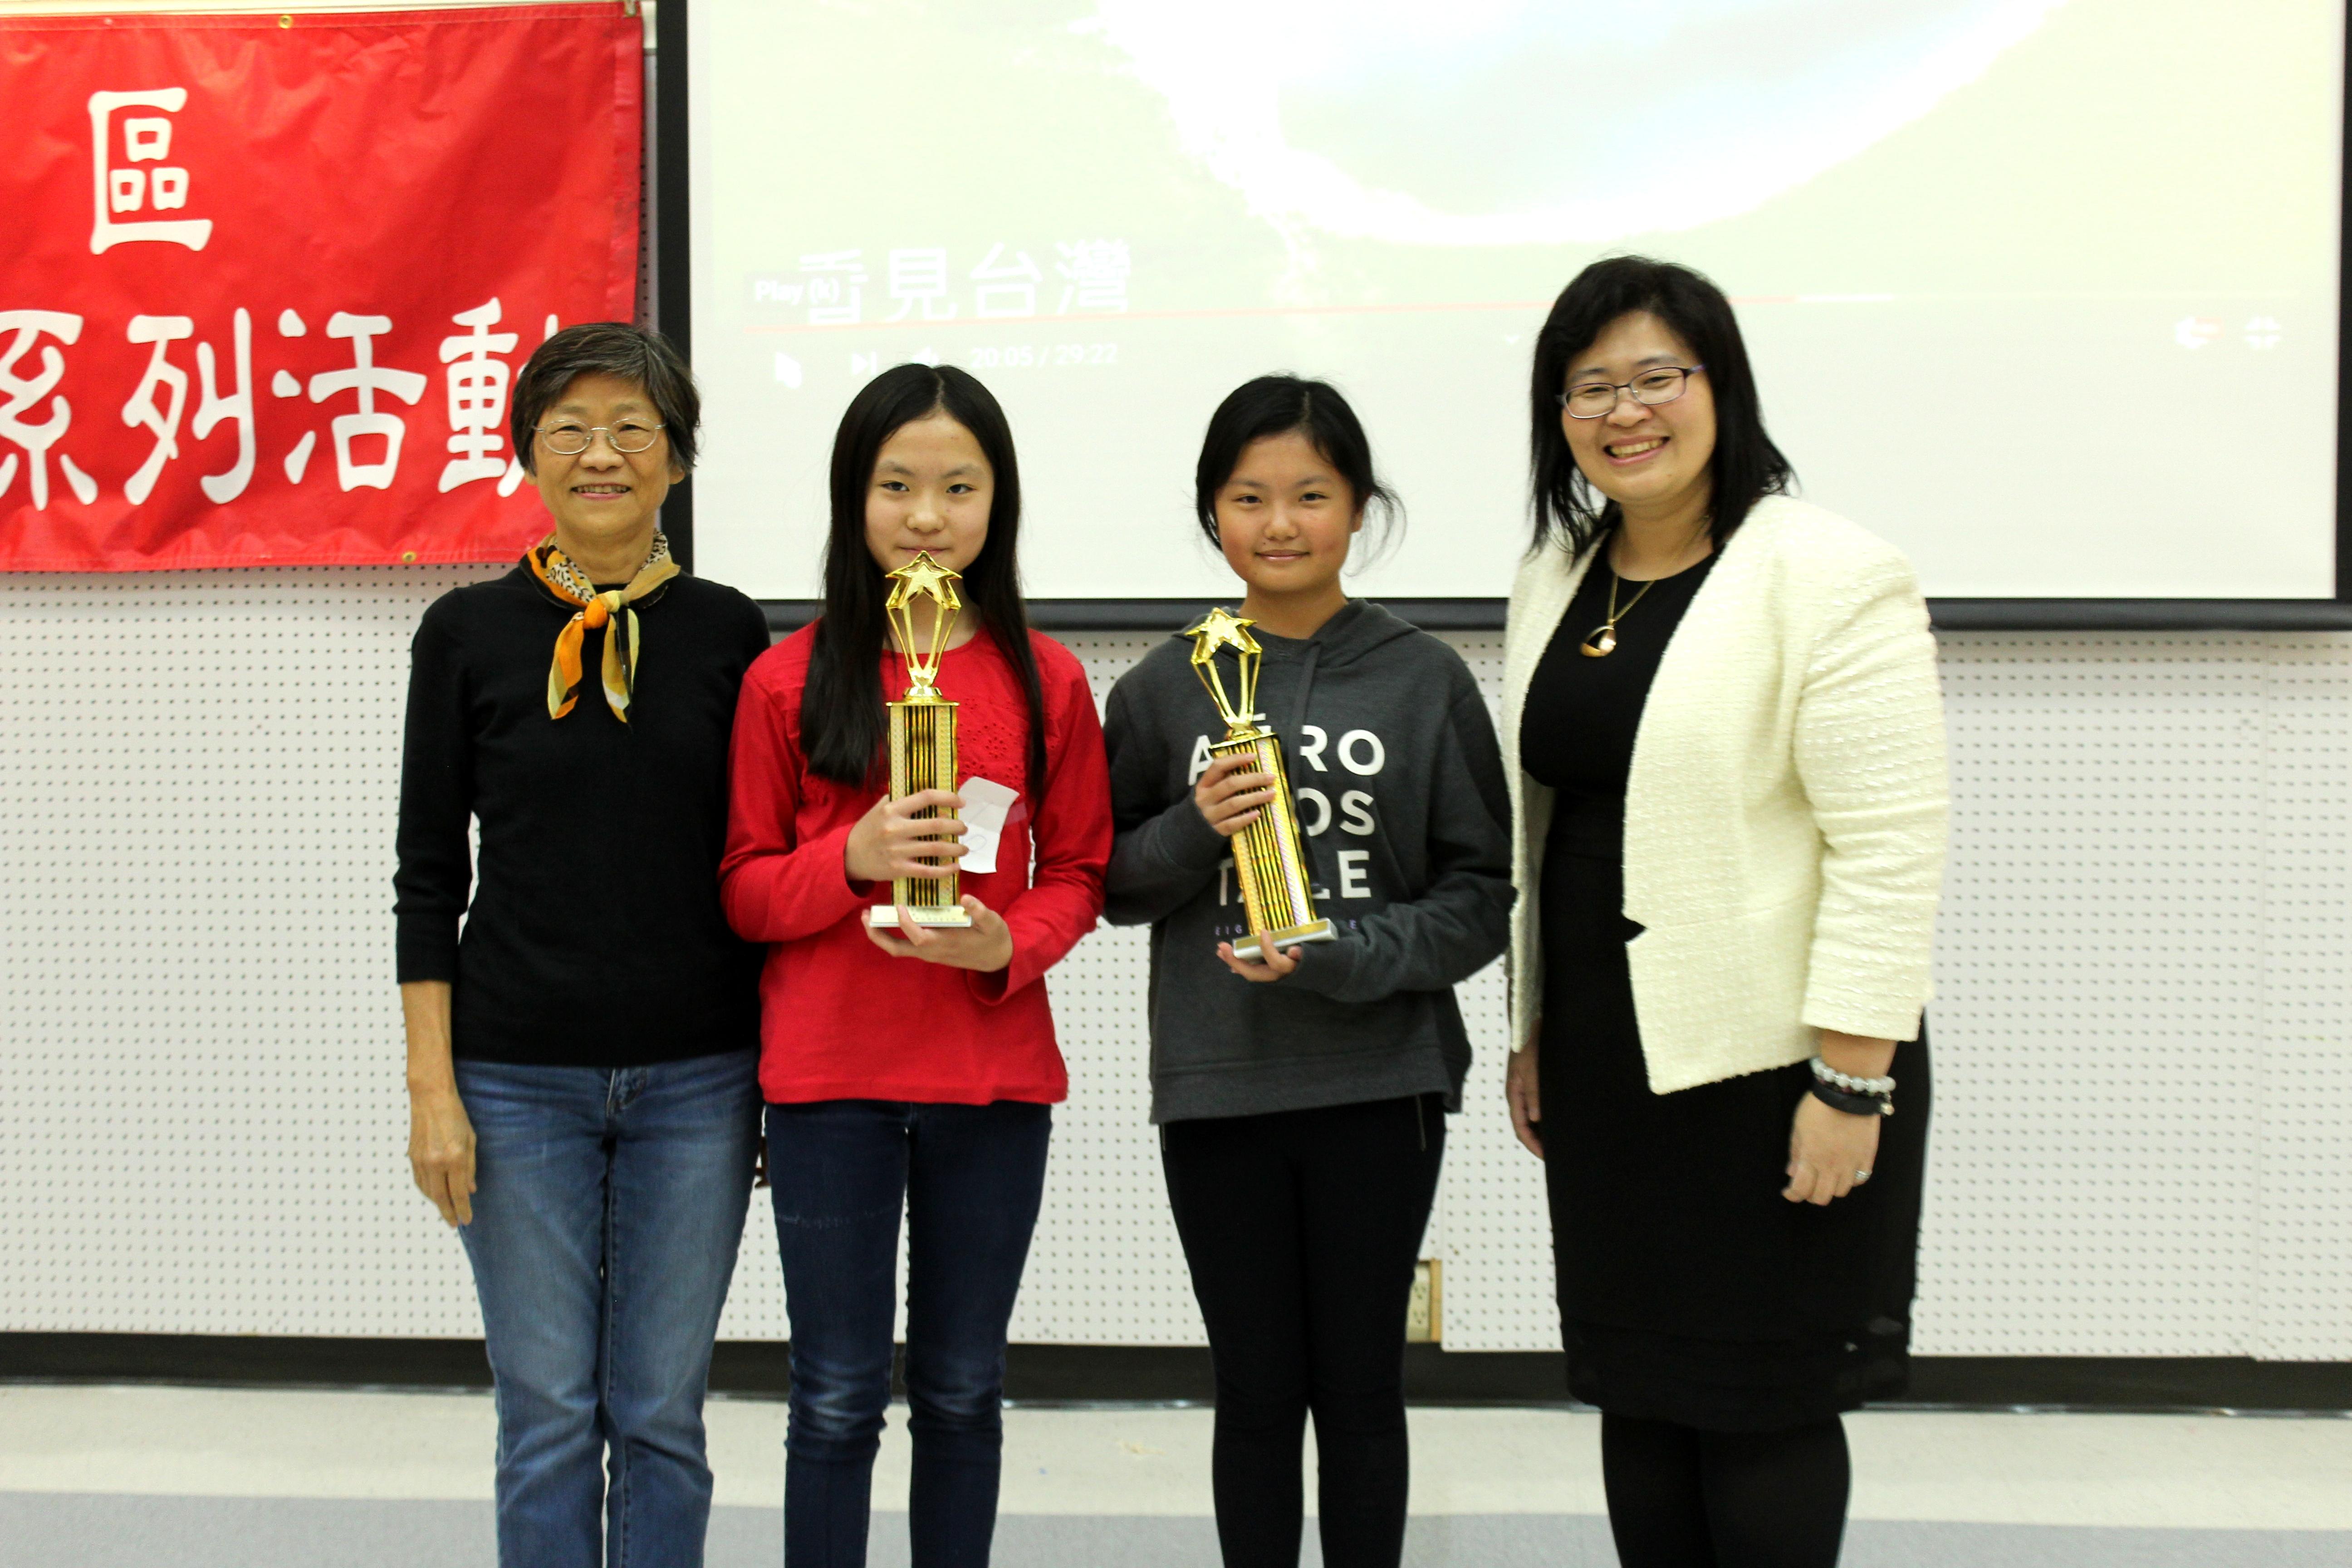 張彩惠(左一)、楊容清(右一)和曉士頓教會中文學校第一名駱佳晨、夏天愛合影。(記者盧淑君/攝影)